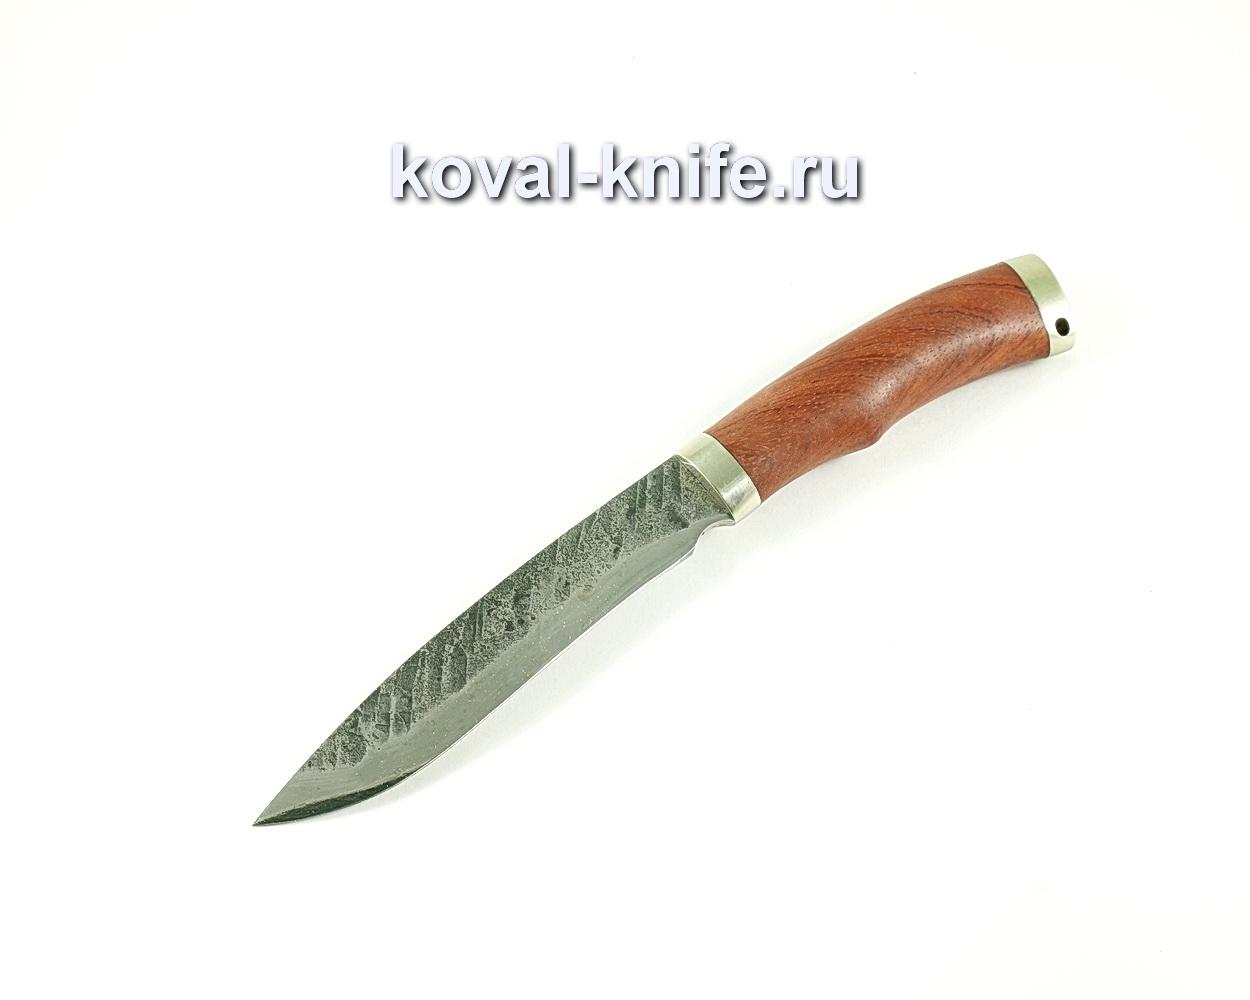 Нож Турист (сталь 9хс), рукоять бубинга, литье A122